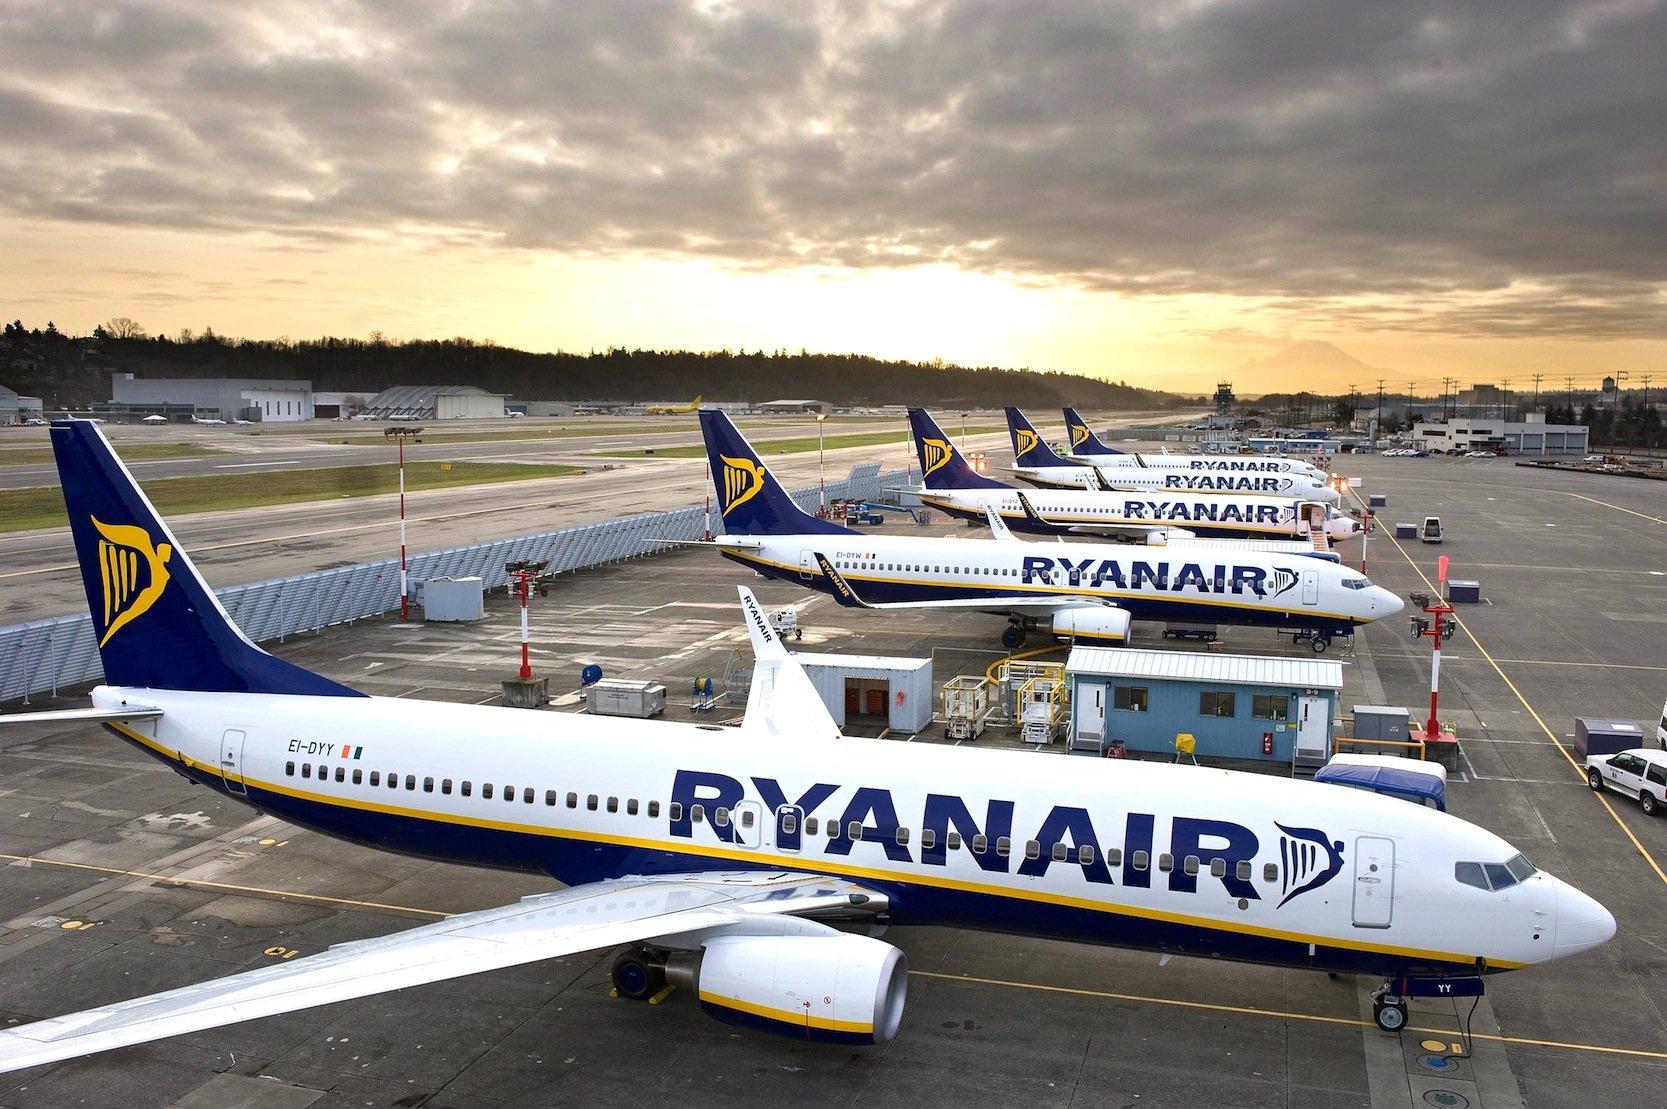 Flugzeuge von Ryanair: Die irische Fluggesellschaft ist der größte Billigflieger in Europa und weltweit die Nr. 2.